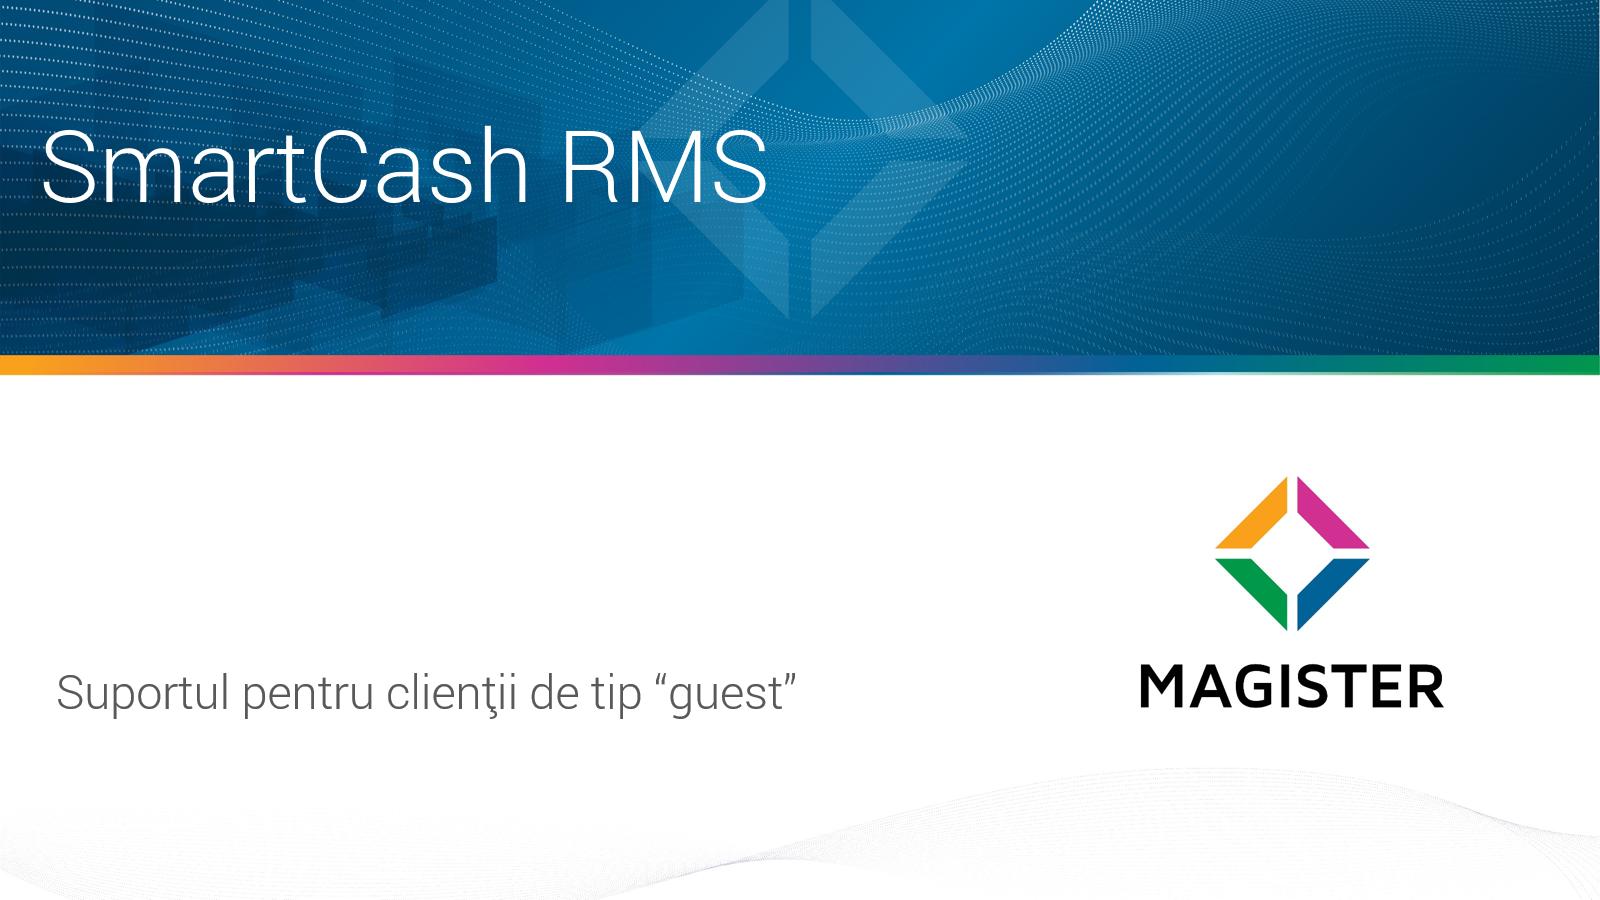 """Suportul pentru clientii de tip """"guest"""" in SmartCash RMS"""